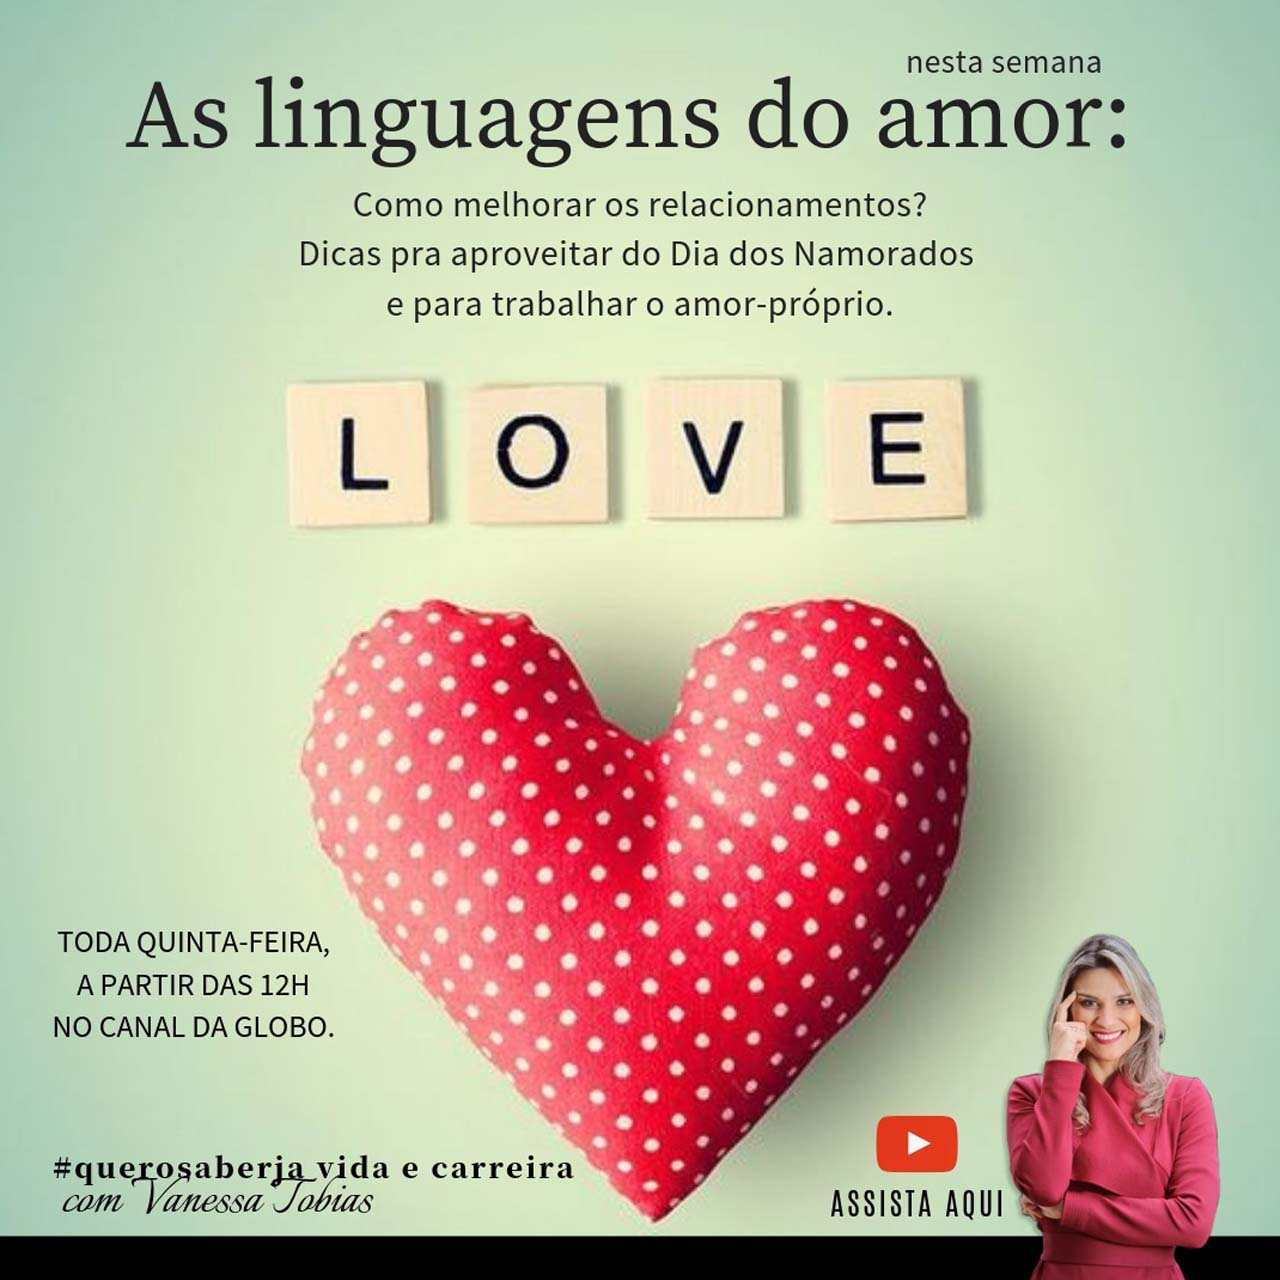 linguagens-do-amor-06.06.2019